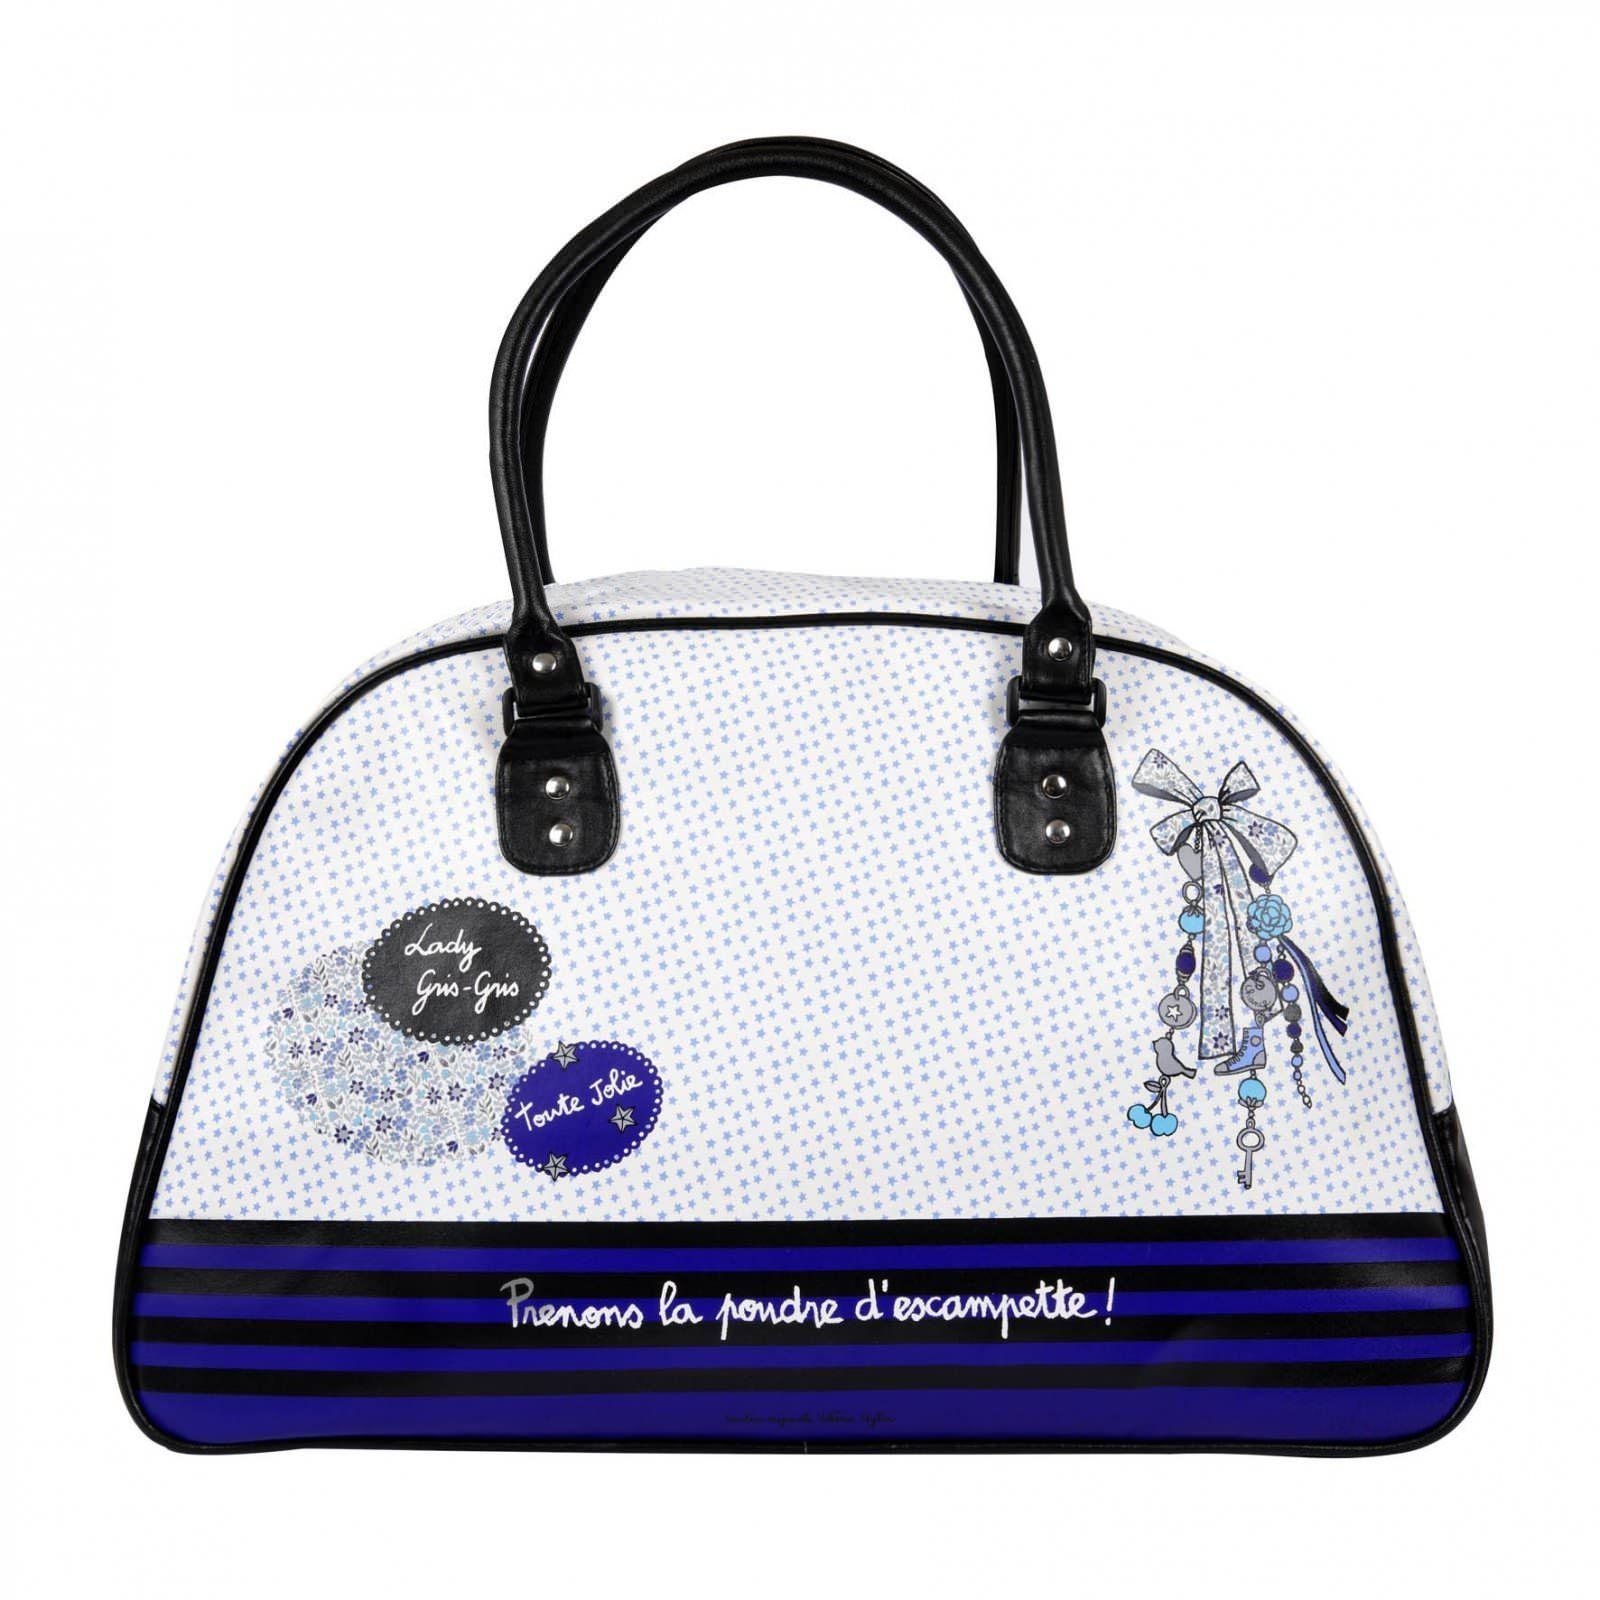 sac de voyage poudre d 39 escampette bleu derri re la porte dlp accessoire de voyage sacs. Black Bedroom Furniture Sets. Home Design Ideas